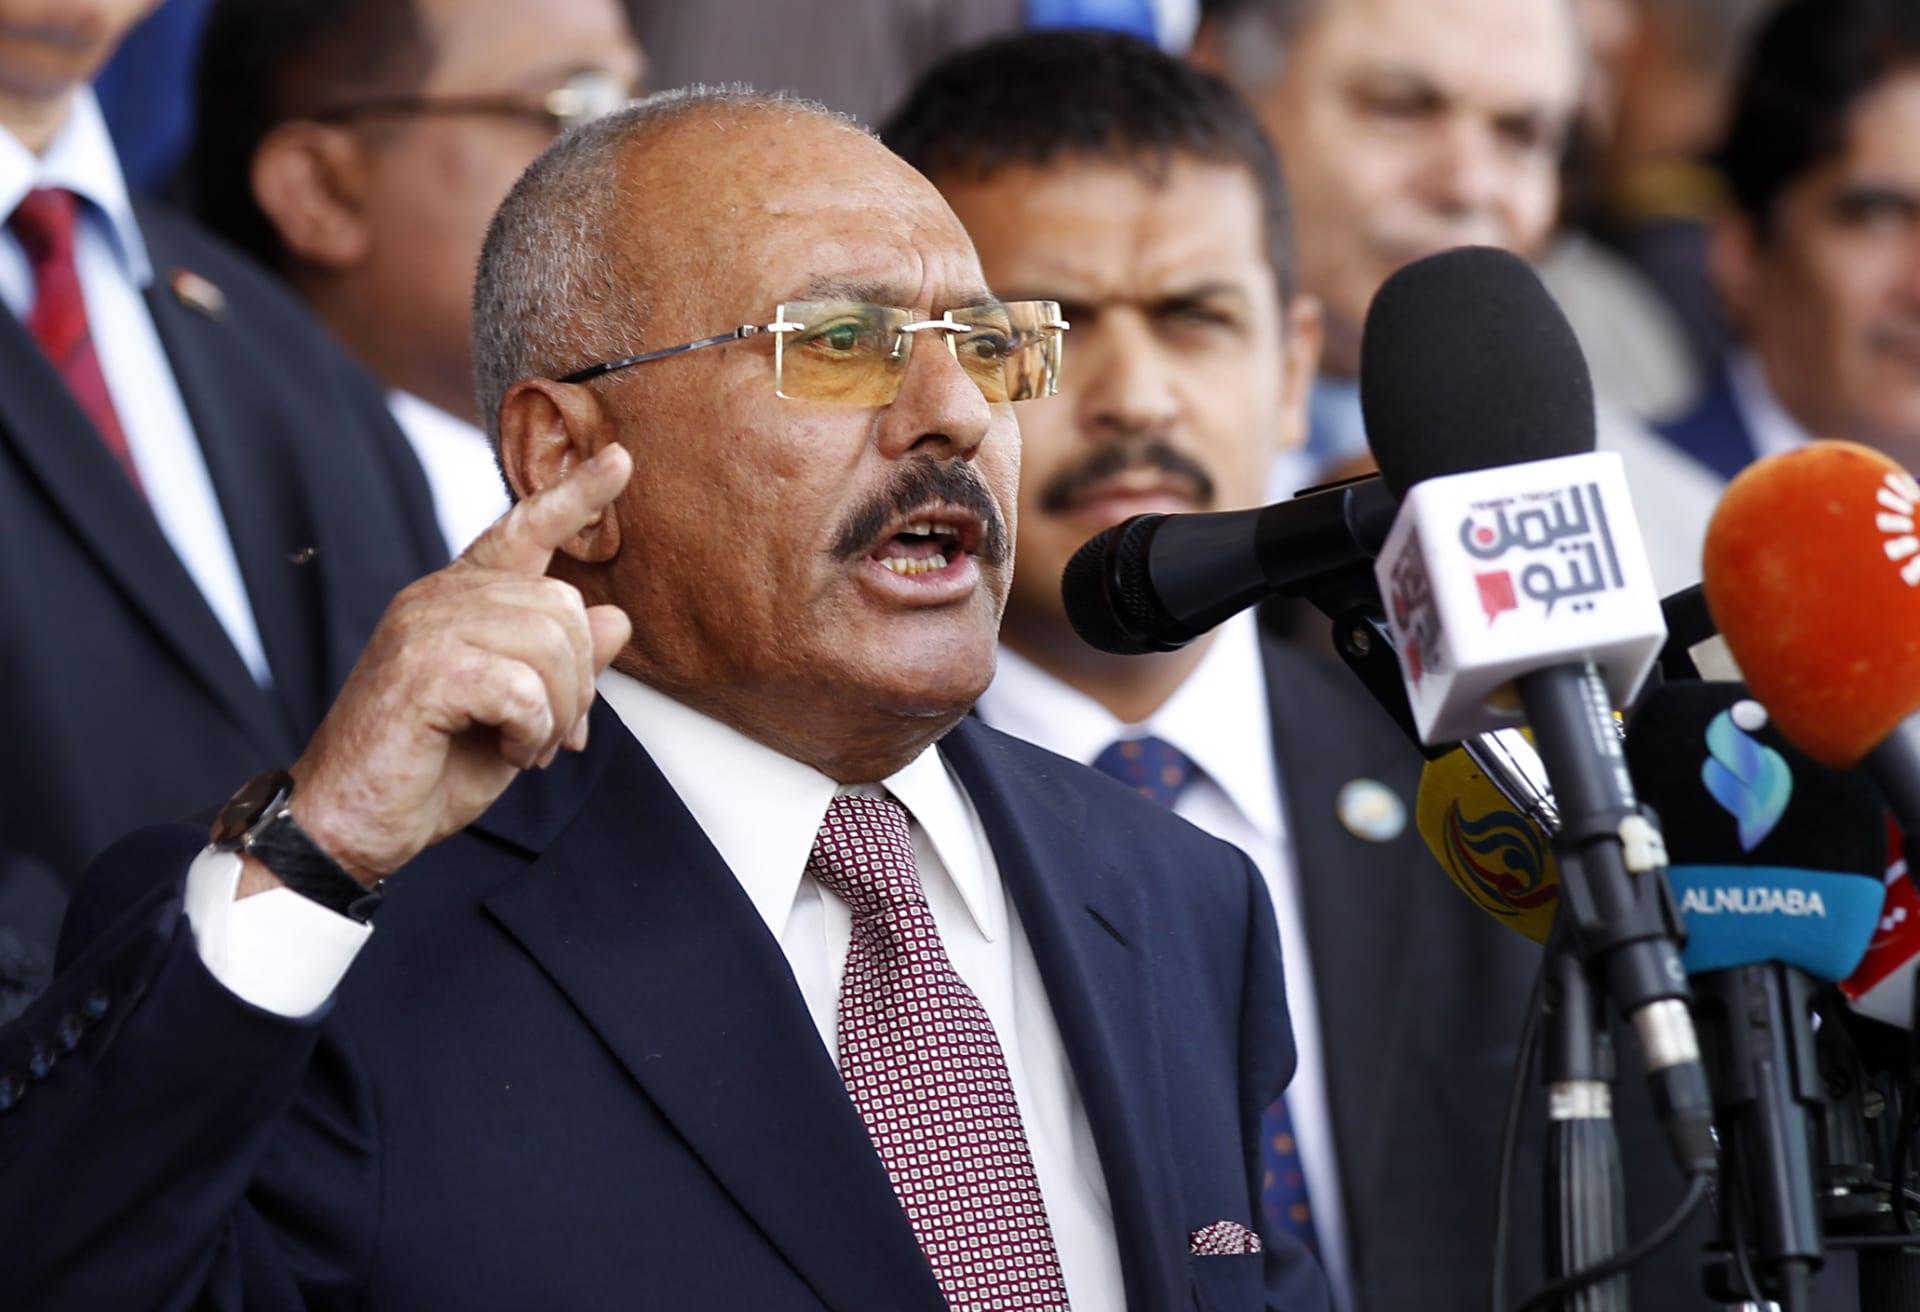 صالح يدعو لانتفاضة شاملة ضد الحوثيين وصفحة جديدة مع الجوار